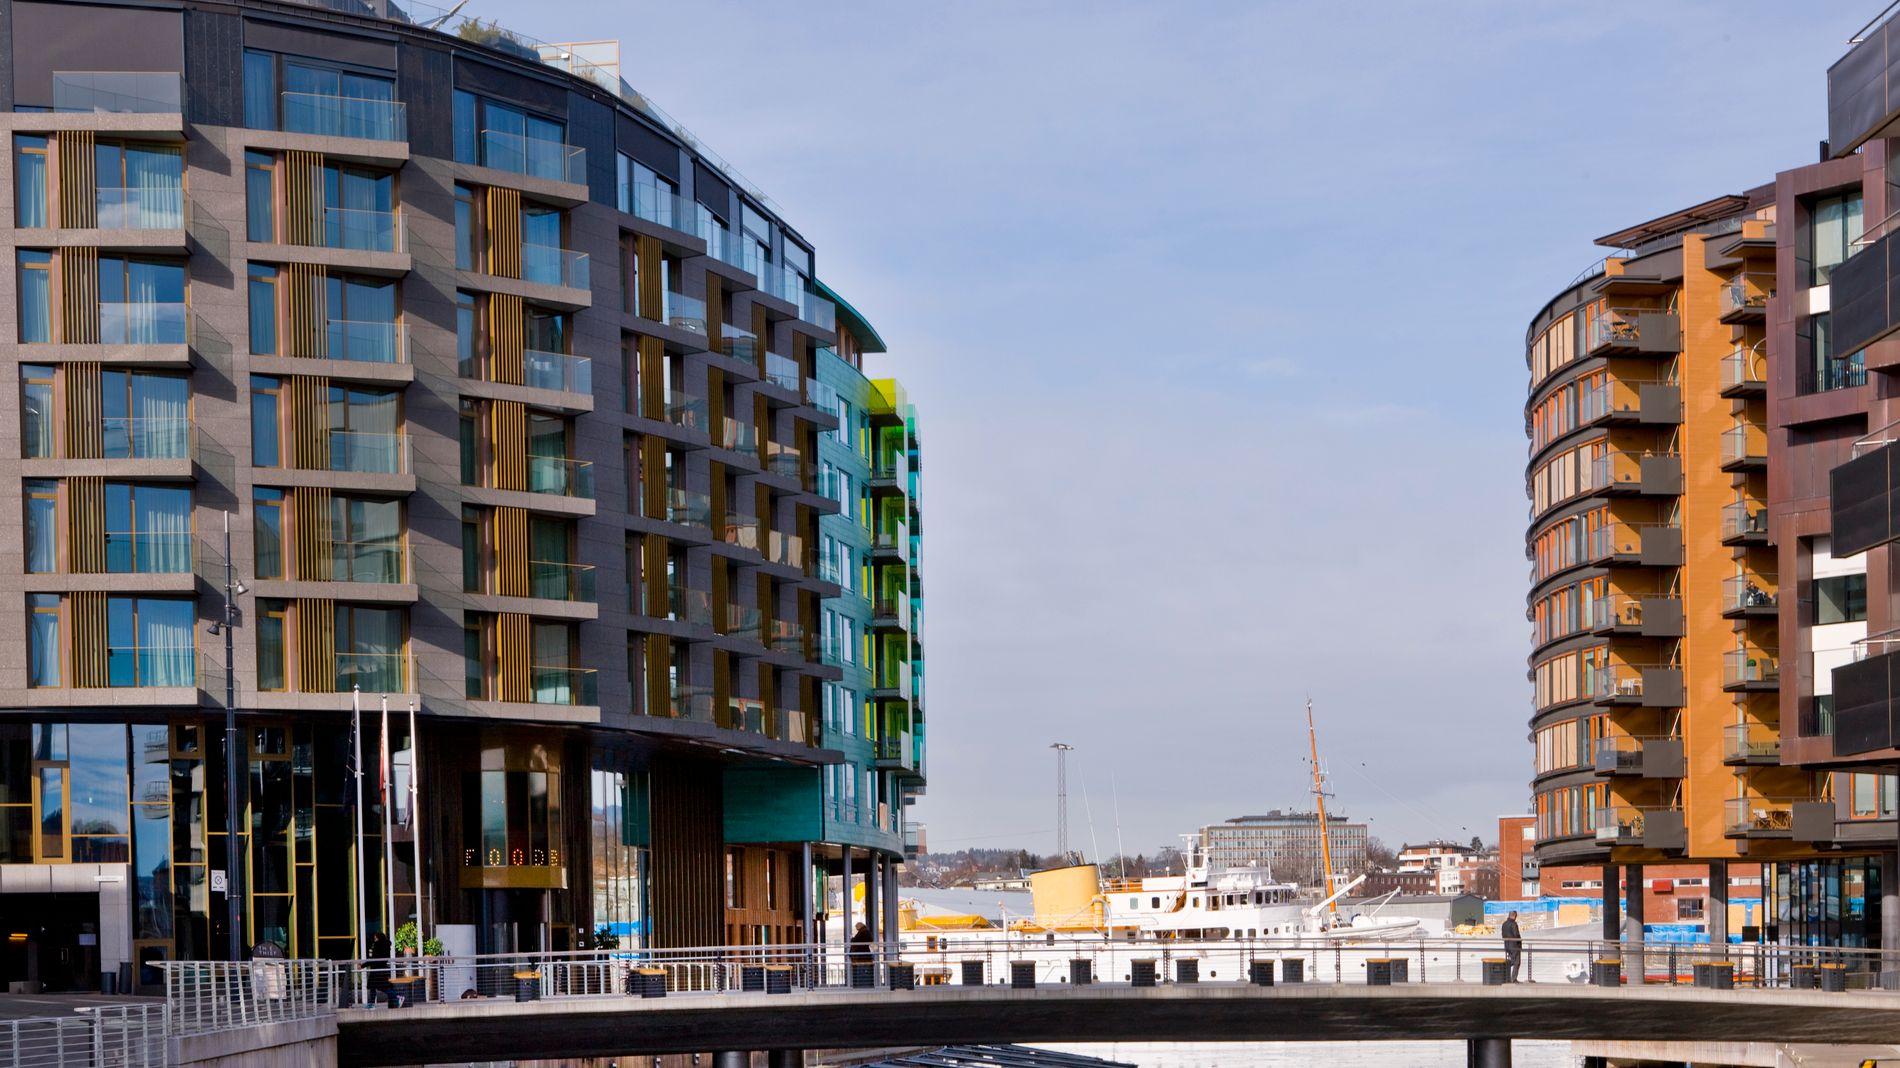 HÅVER INN: Aspelin Ramm står bak flere store byutviklingsprosjekter i Oslo, blant annet Tjuvholmen.